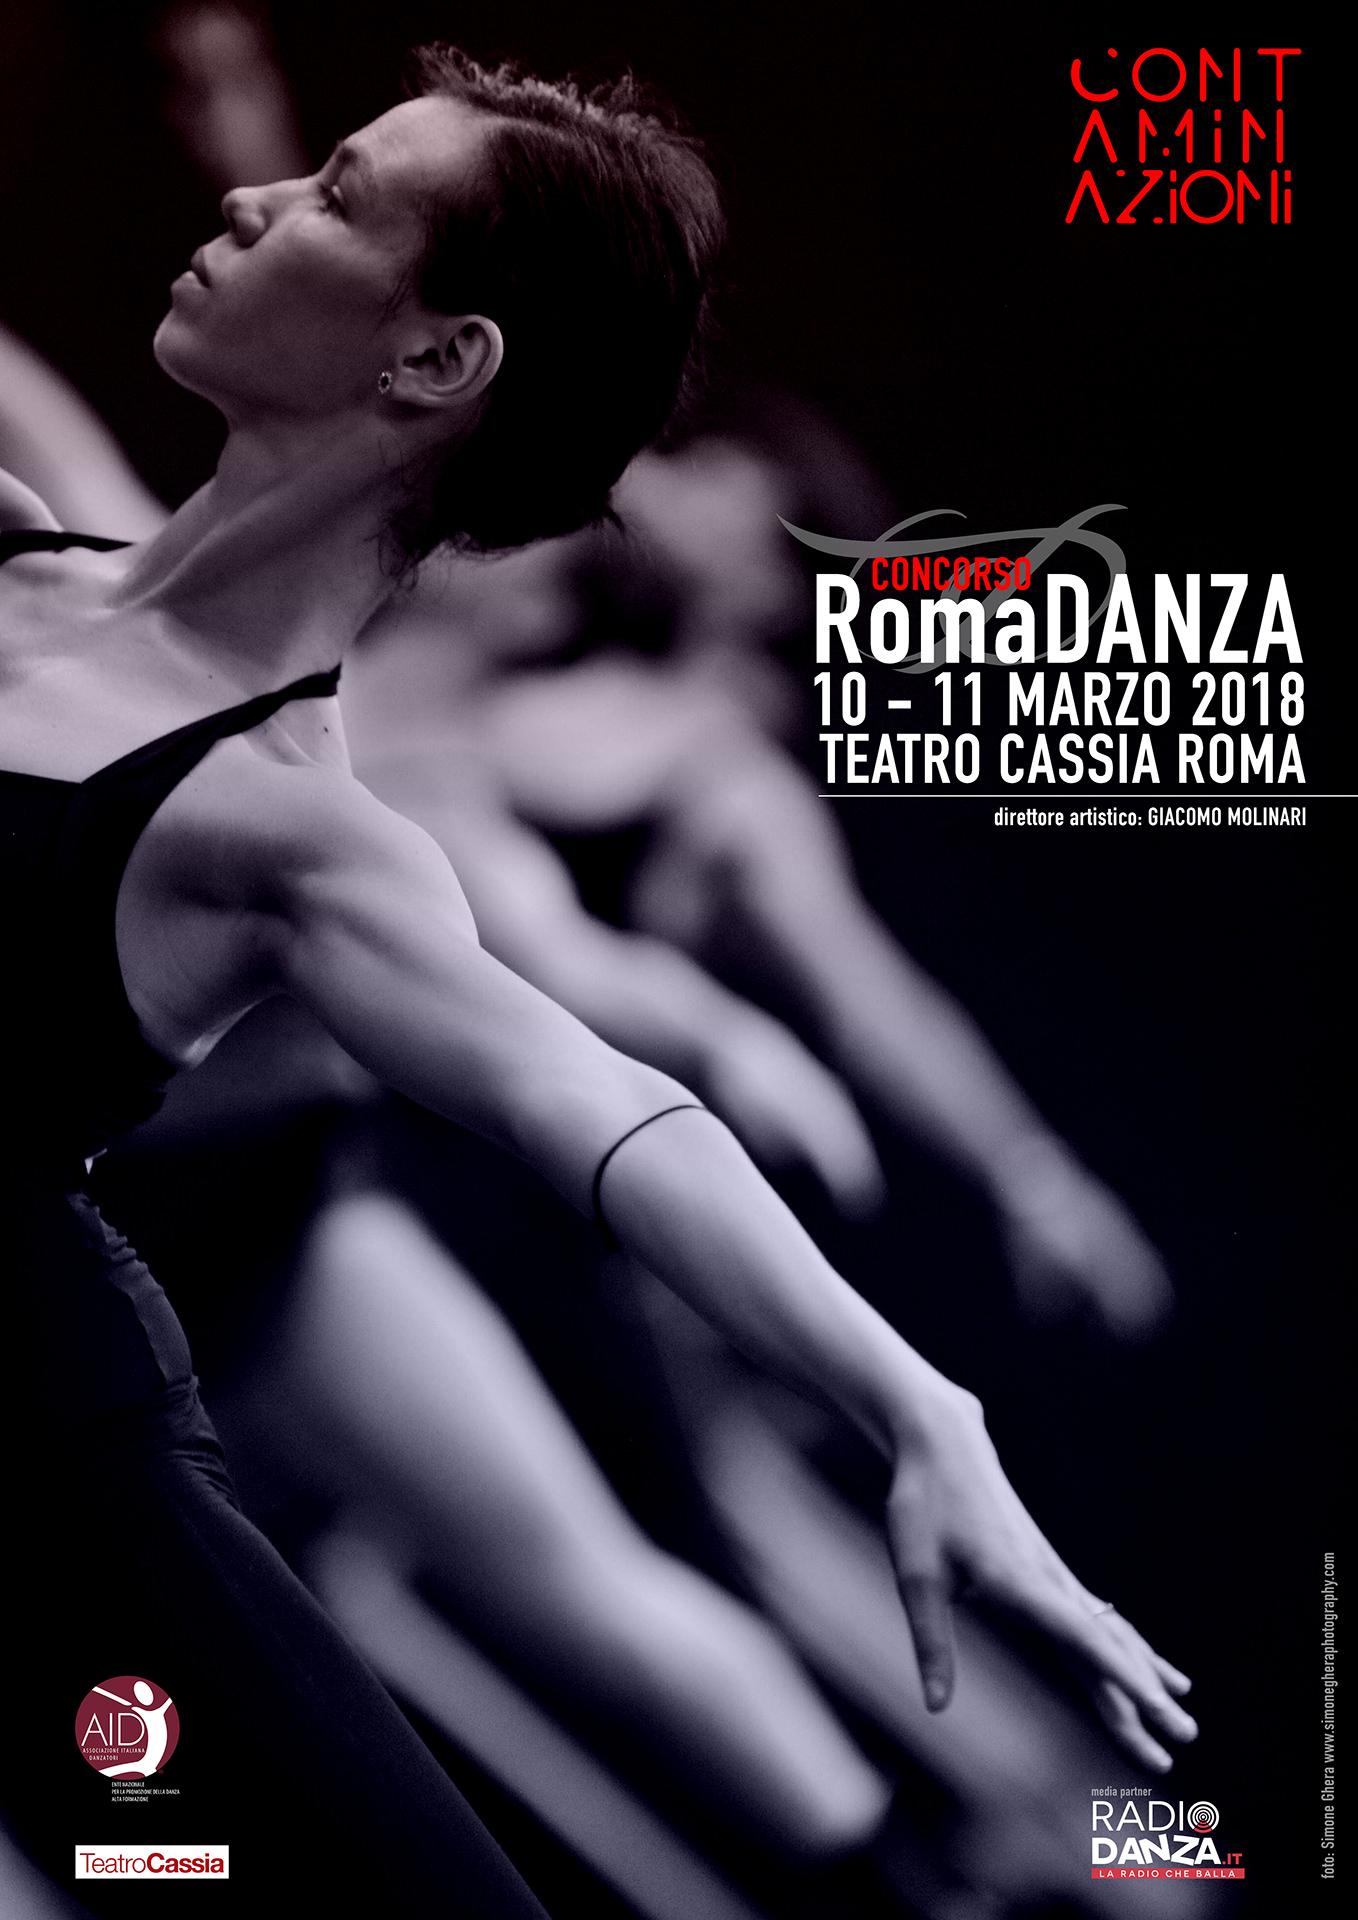 CONCORSO RomaDANZA